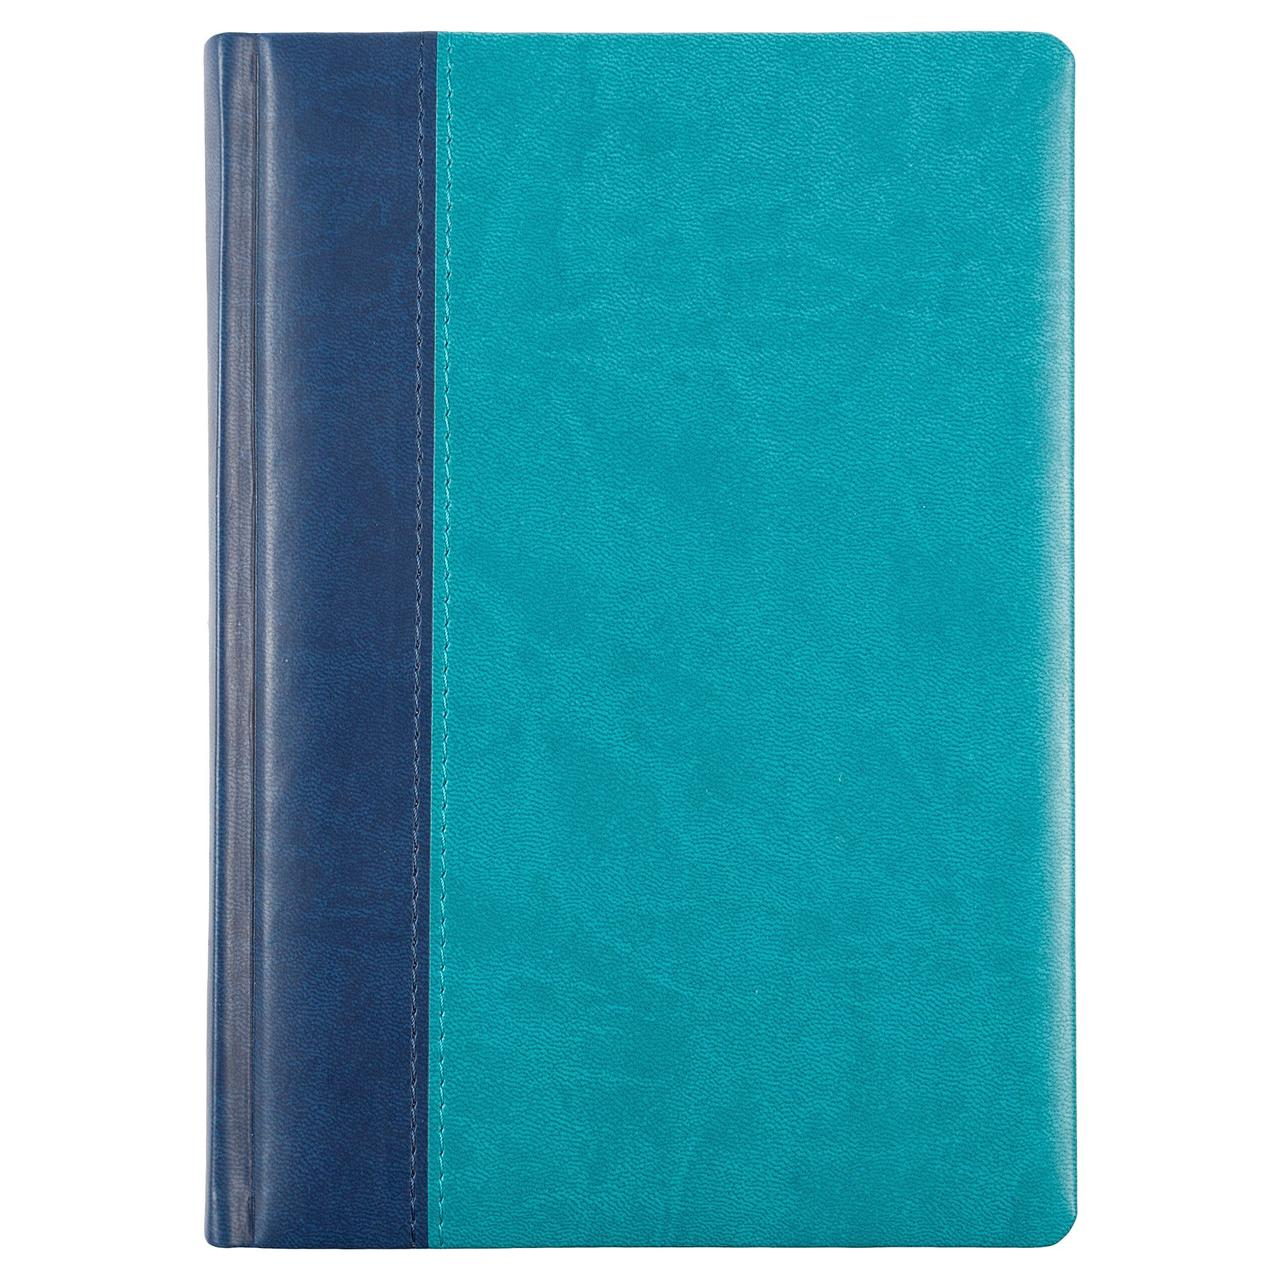 Ежедневник Norma, недатированный, сине-бирюзовый